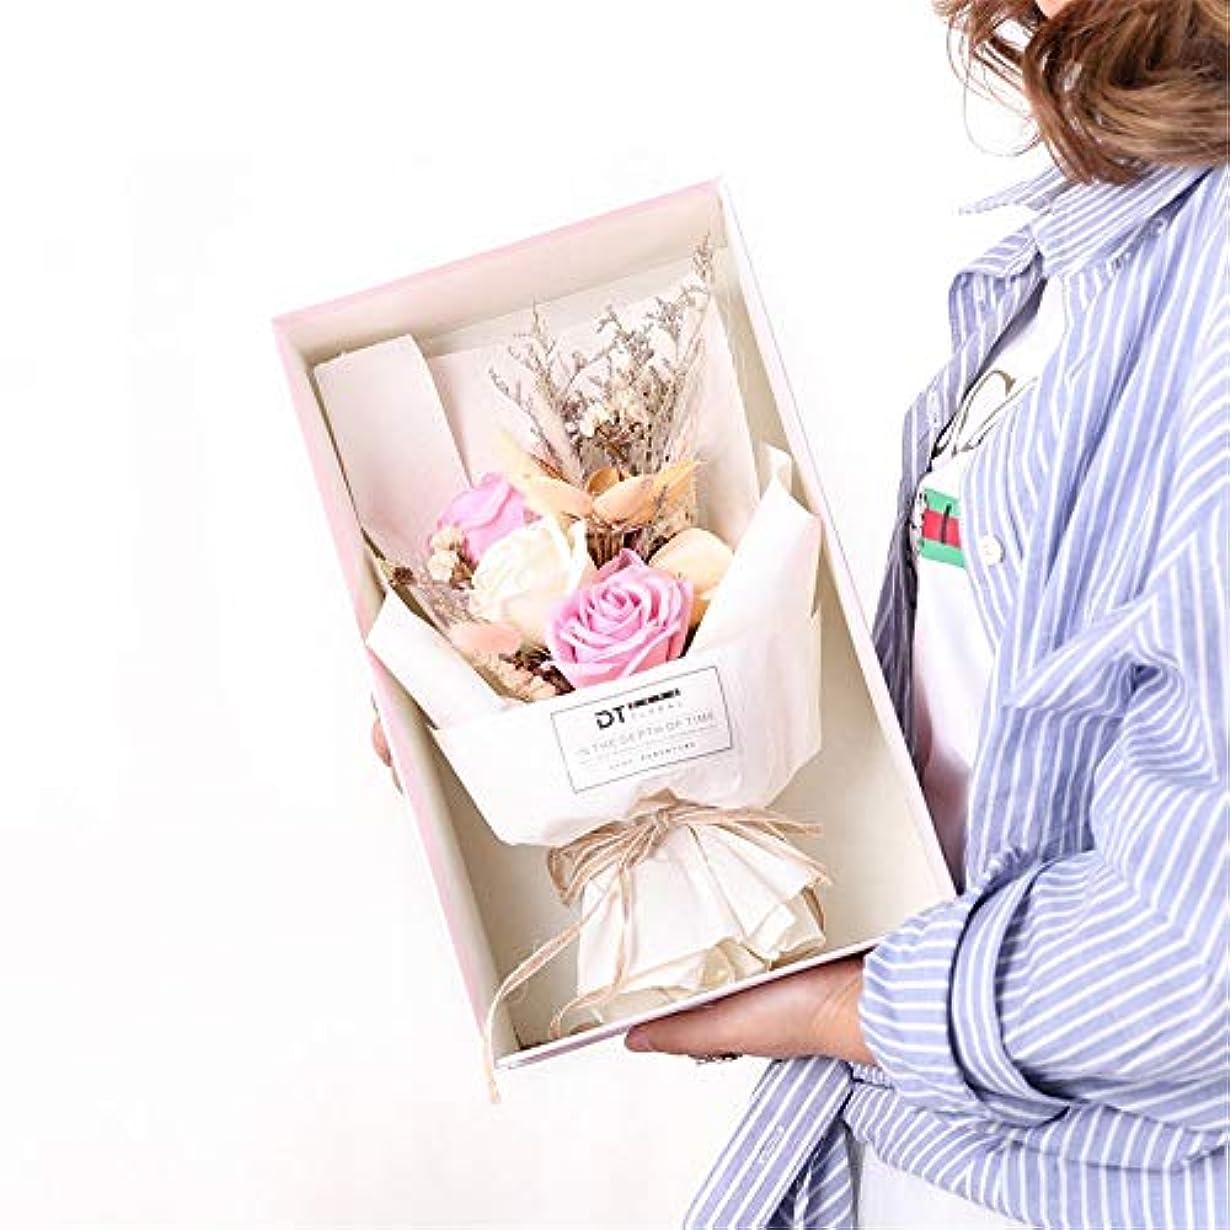 睡眠または達成可能手作りのバラ石鹸フラワーブーケのギフトボックス、女性のためのギフトバレンタインデー、母の日、結婚式、クリスマス、誕生日を愛した女の子 (色 : ピンク)